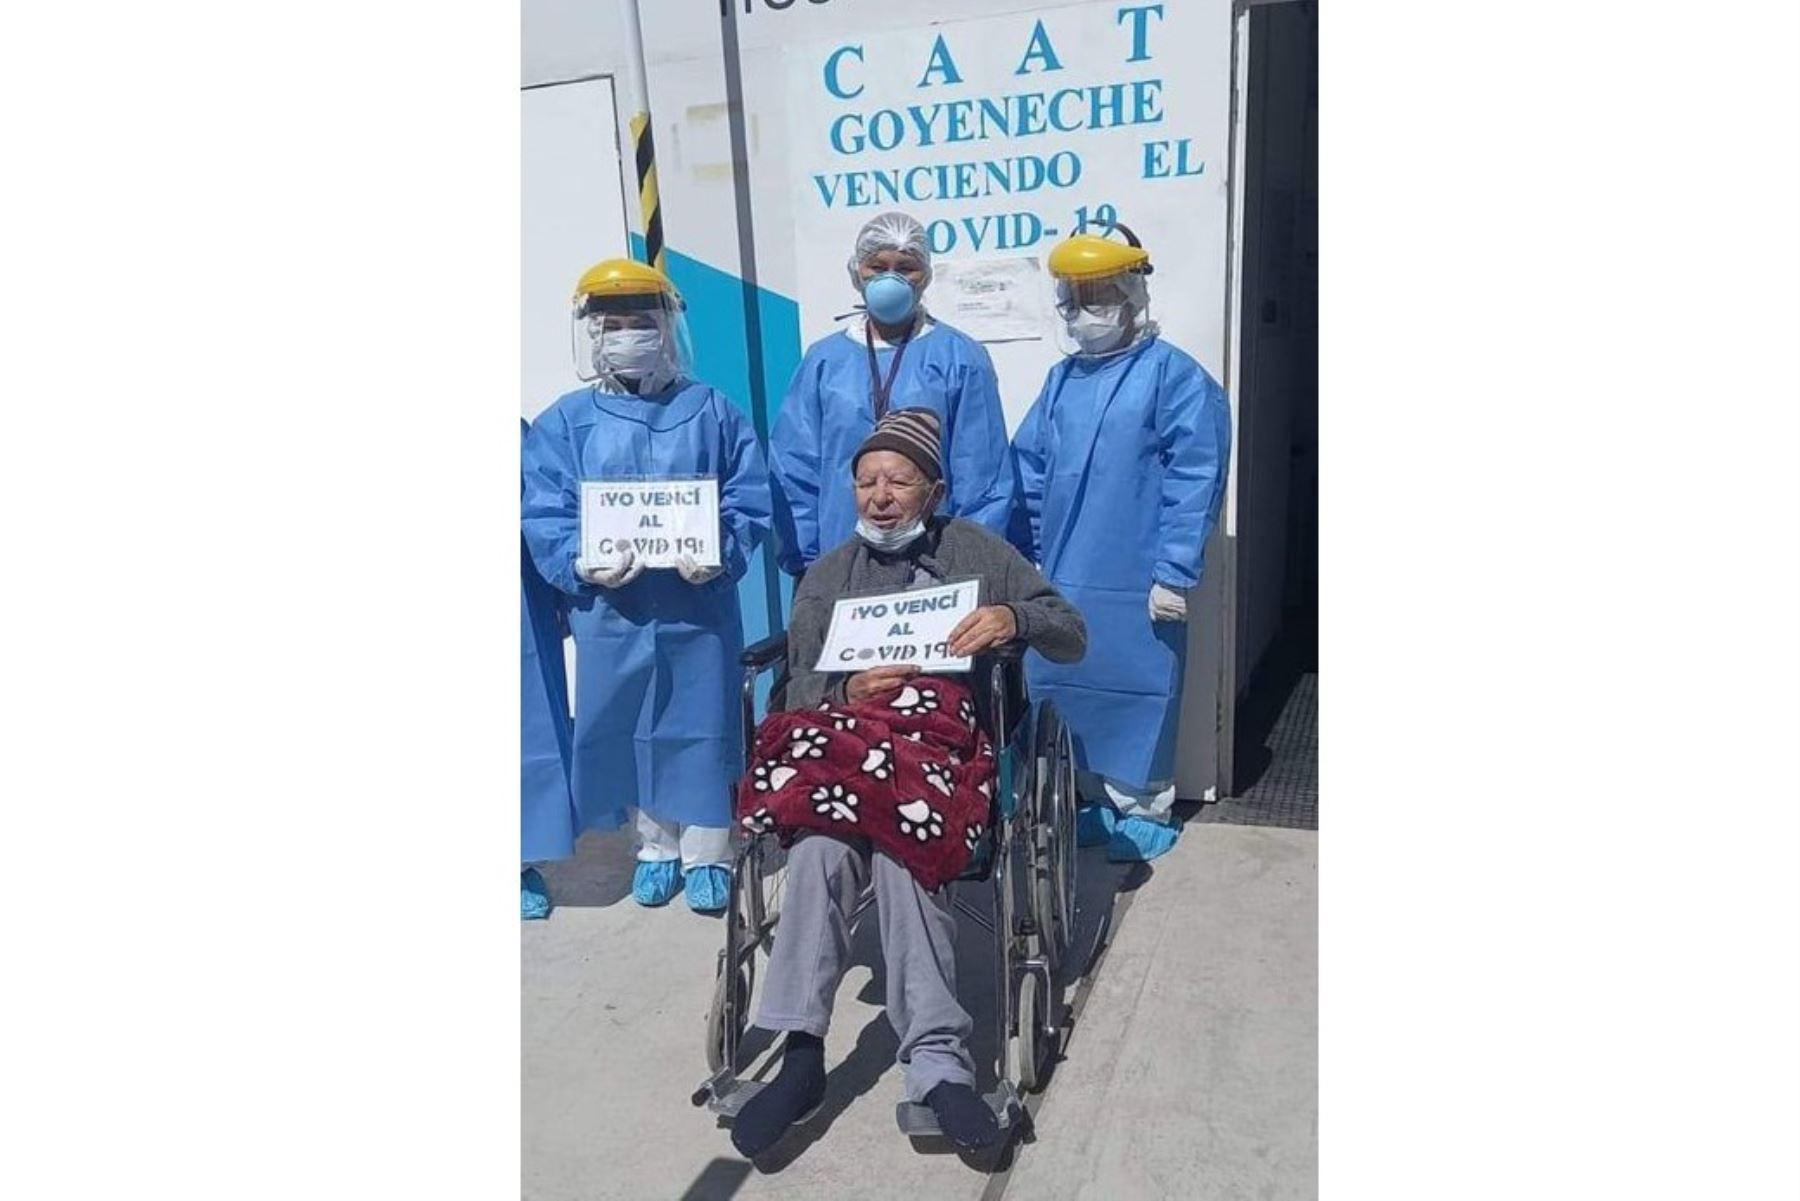 Don Félix García recibe el alta médica en el CAAT del hospital Goyeneche, en Arequipa, tras superar el covid-19.